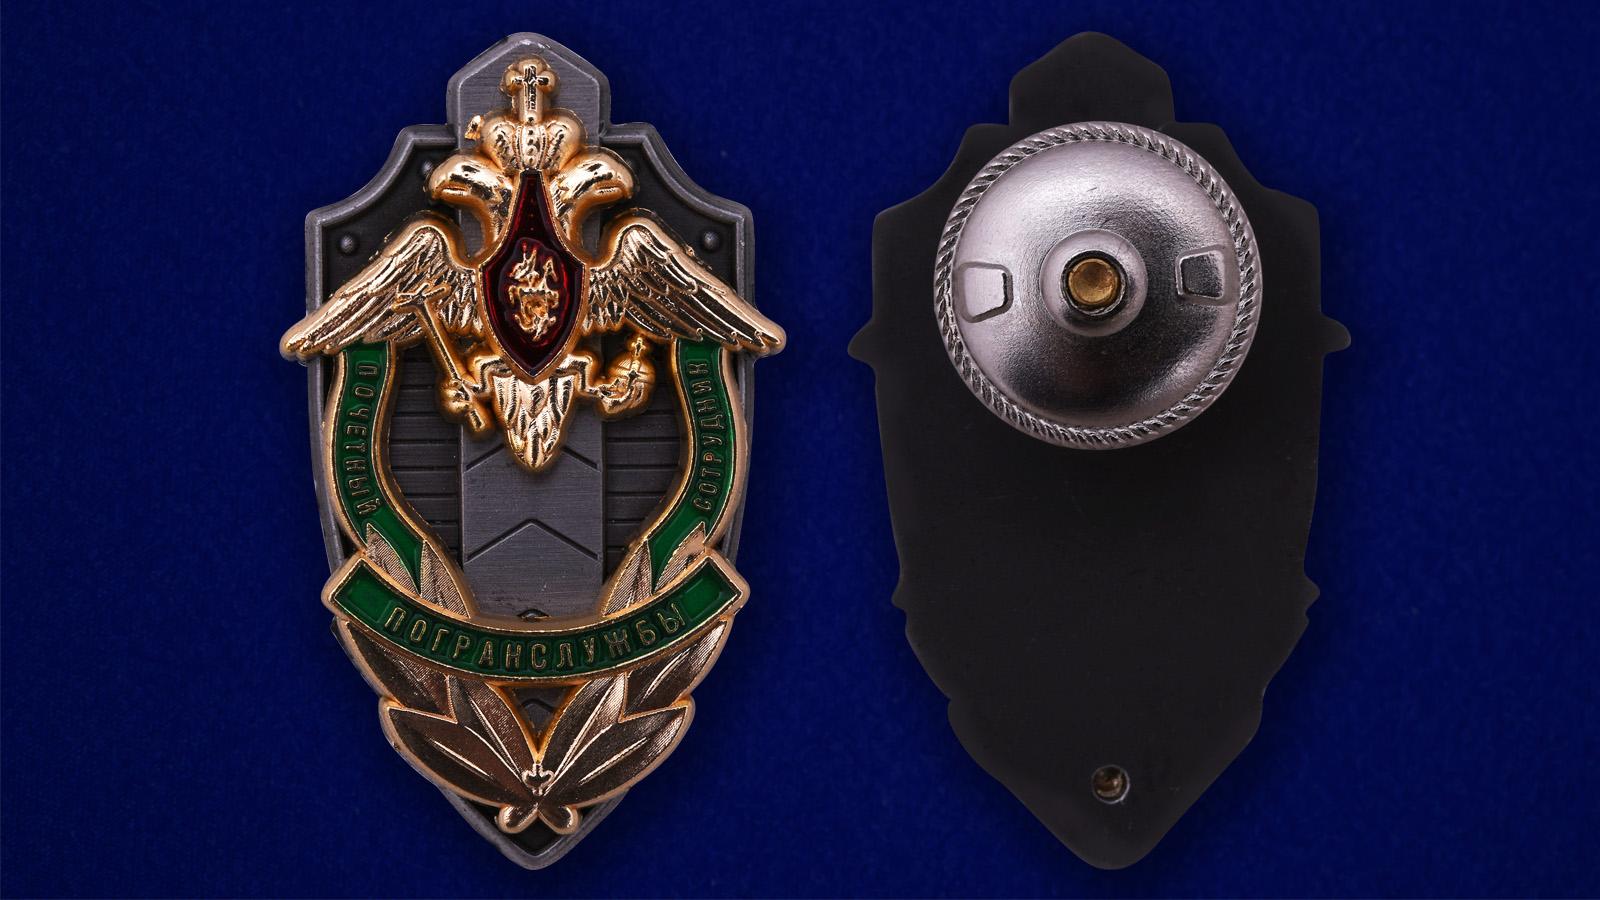 Знак ФПС «Почетный сотрудник погранслужбы» - аверс и реверс